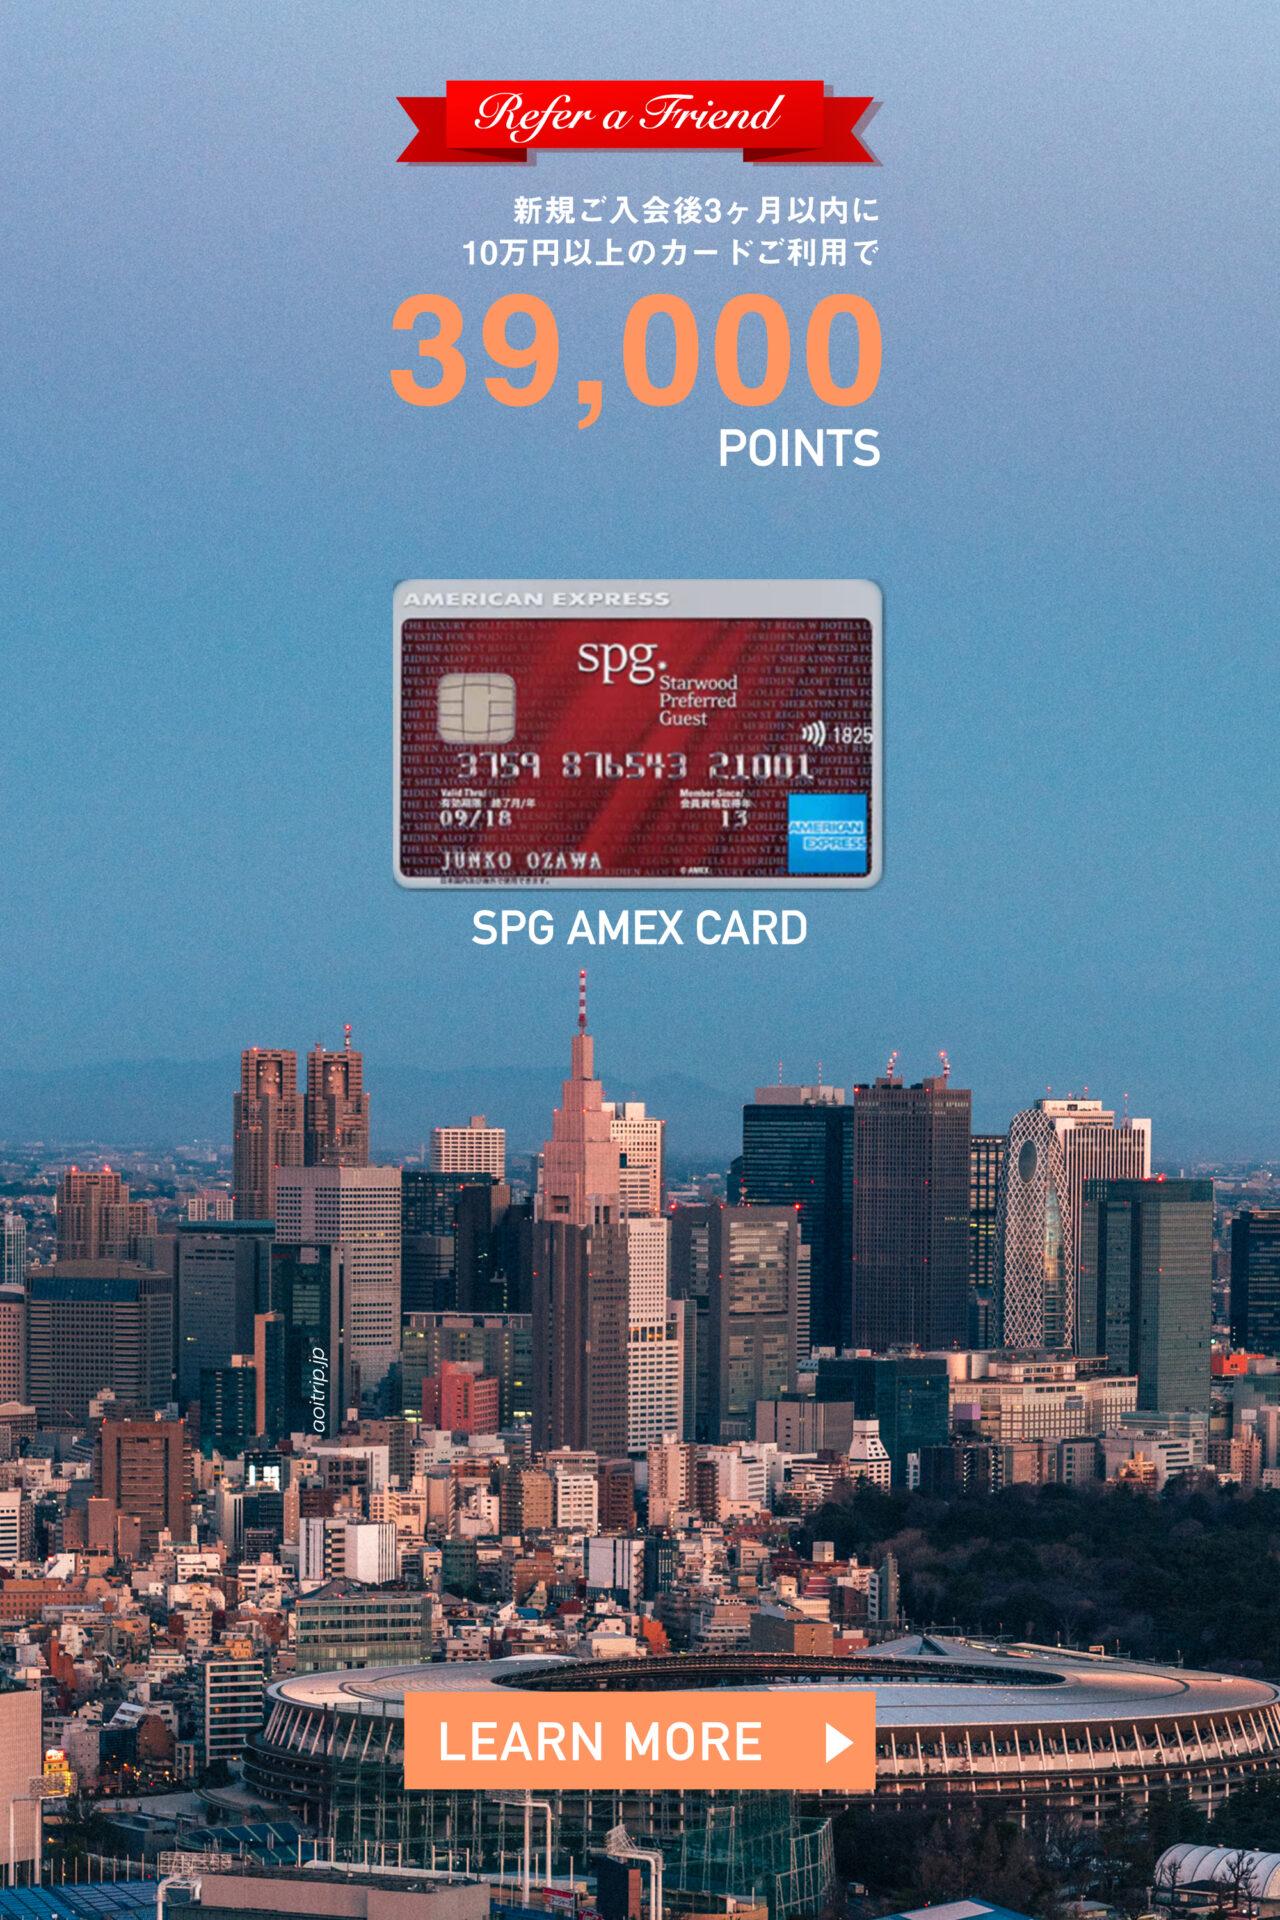 SPGアメックスカード ご紹介特典のキャンペーン